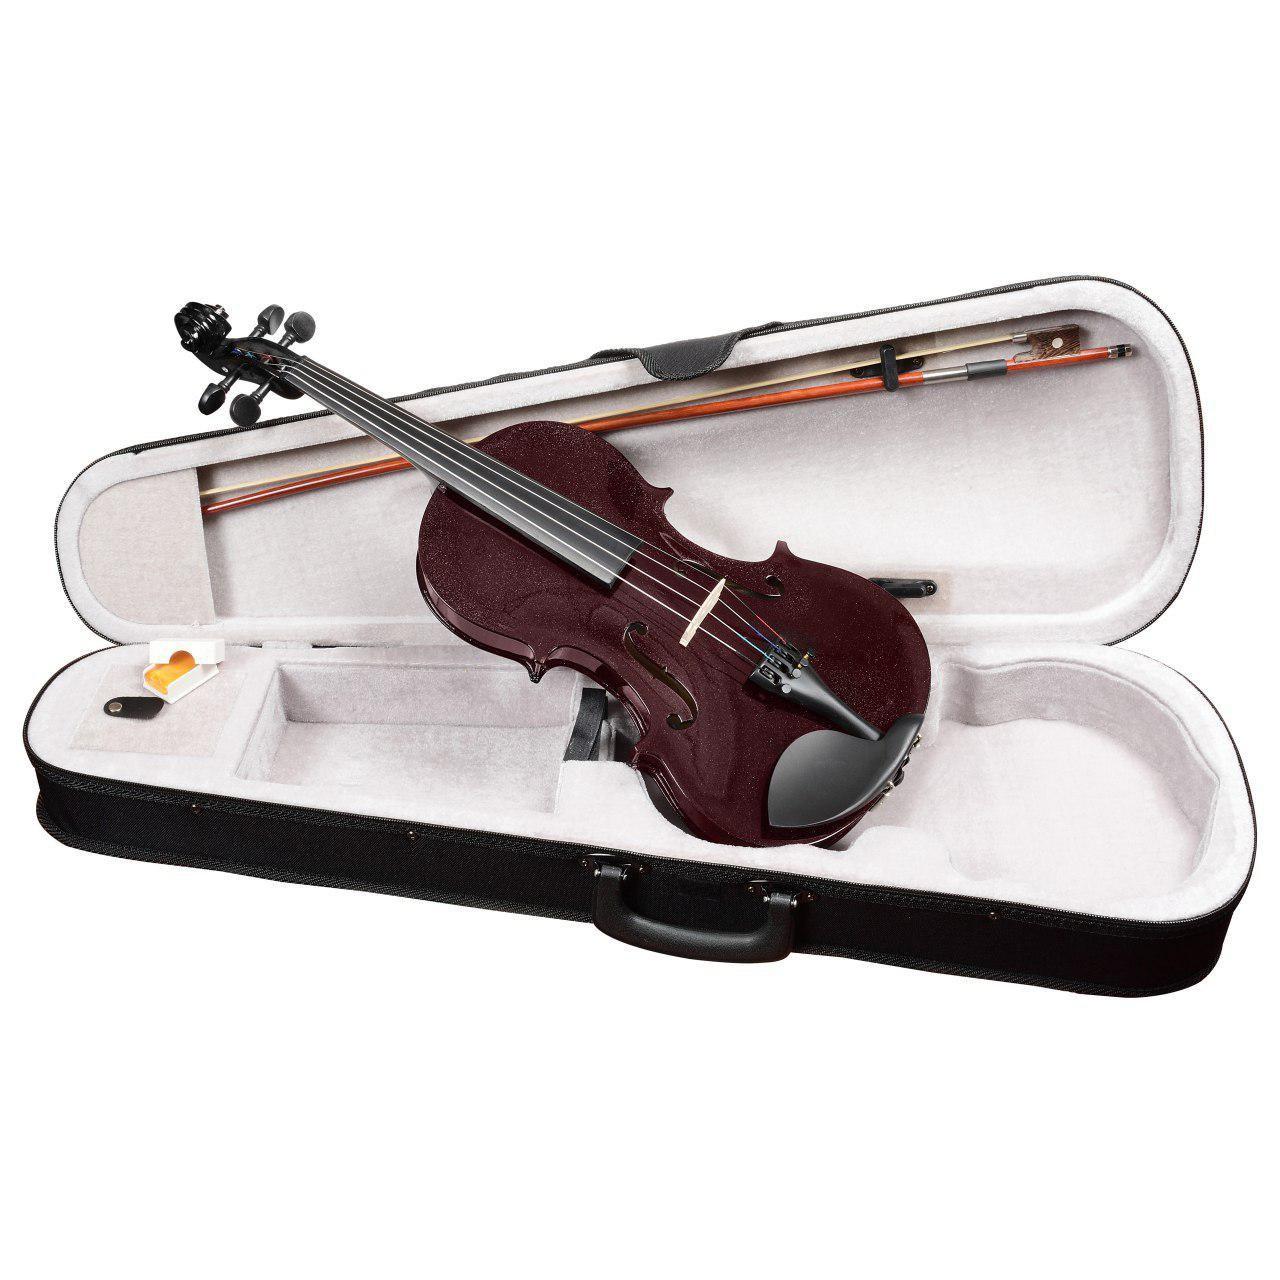 ANTONIO LAVAZZA VL-20/DRW 4/4 - ВИШНЁВАЯ скрипка, кейс, смычок и канифоль в комплекте, шт